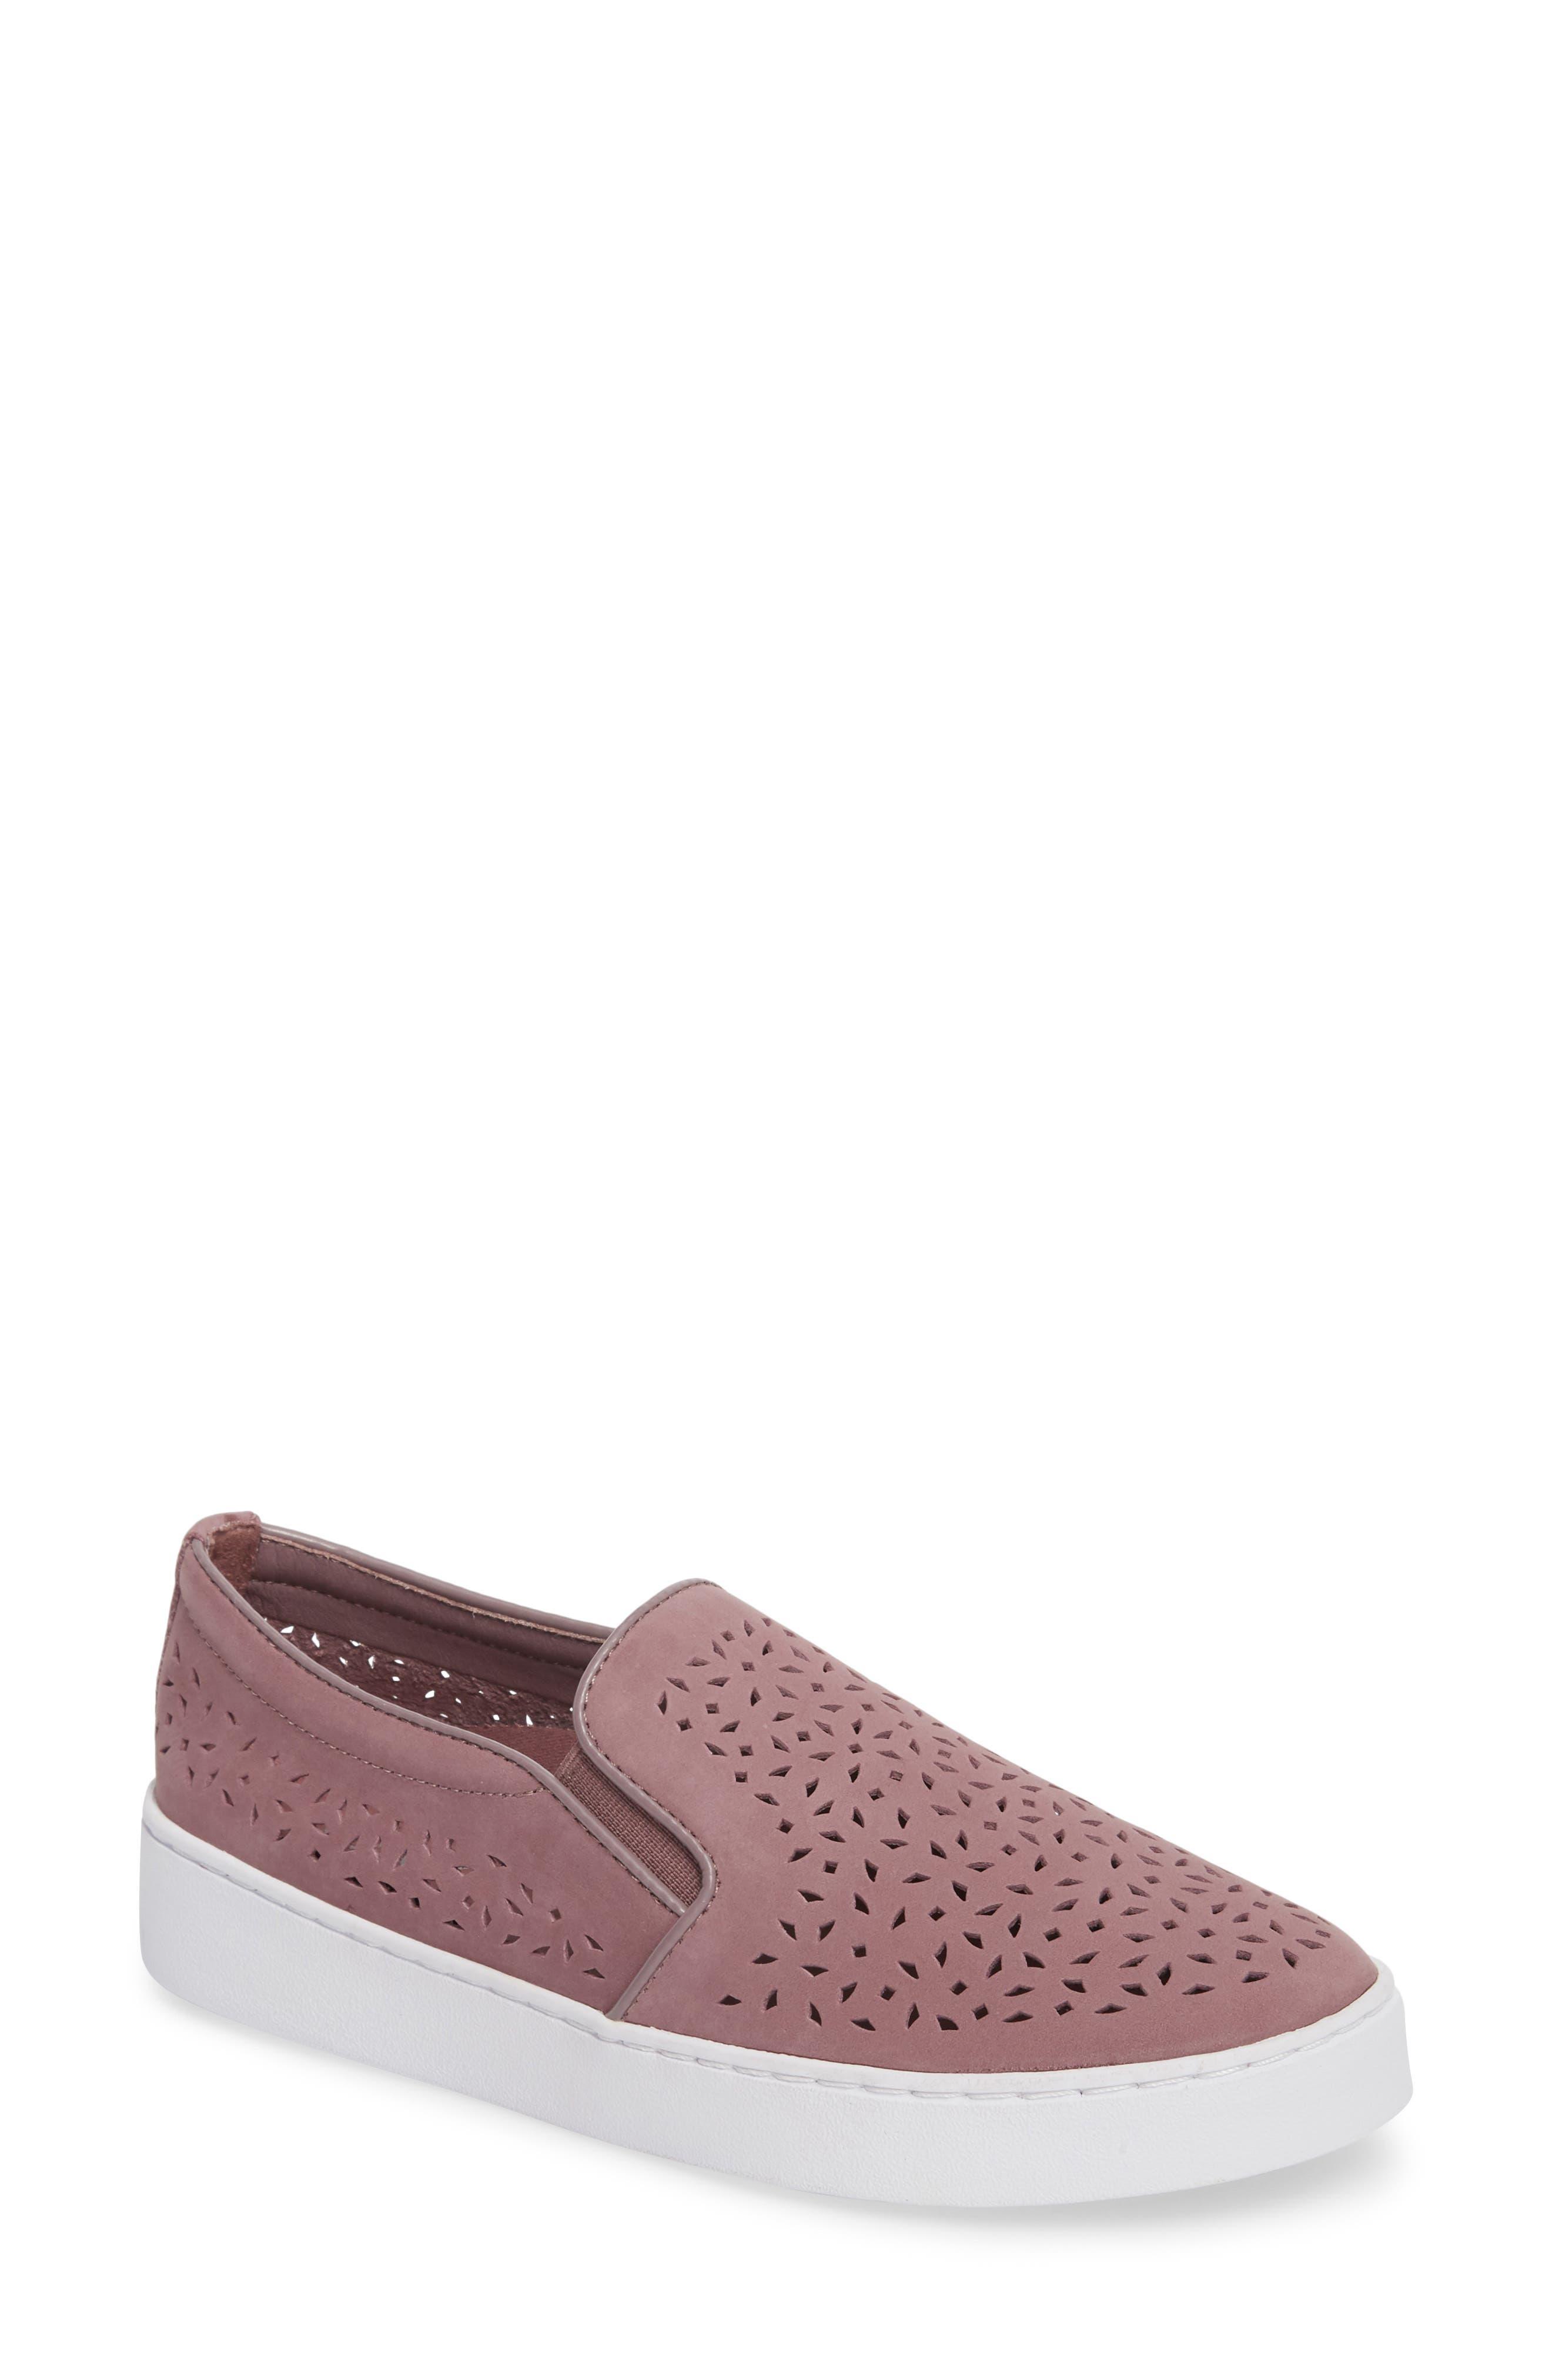 Vionic Midiperf Slip-On Shoe (Women)